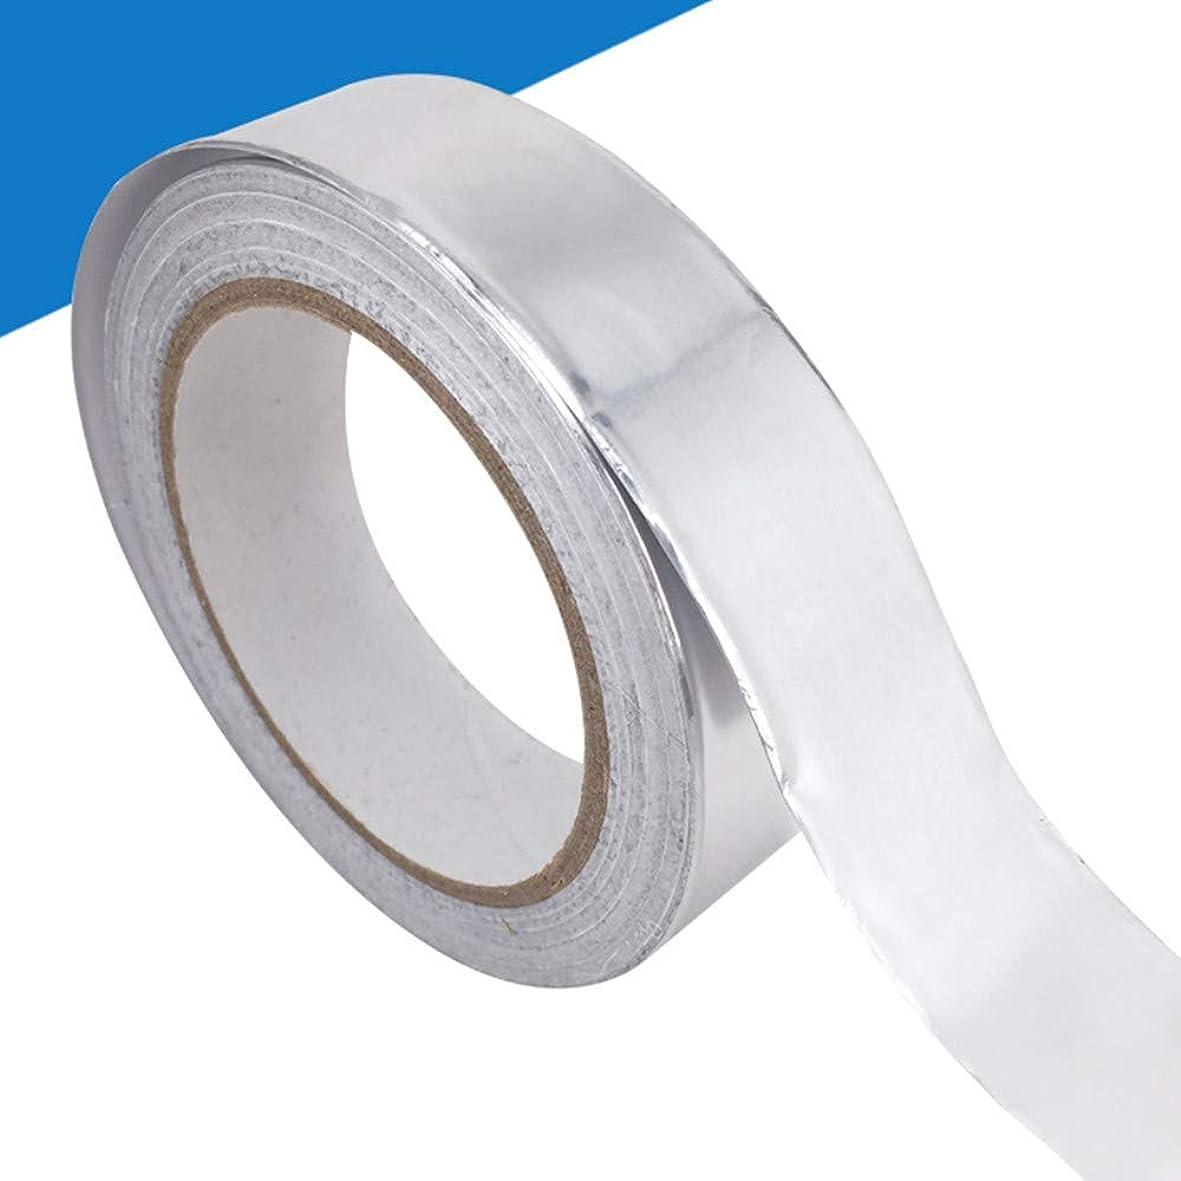 樫の木付与不完全なSimg 導電性アルミテープ アルミ箔テープ 放射線防護 耐熱性 防水 多機能 25mm幅x20m